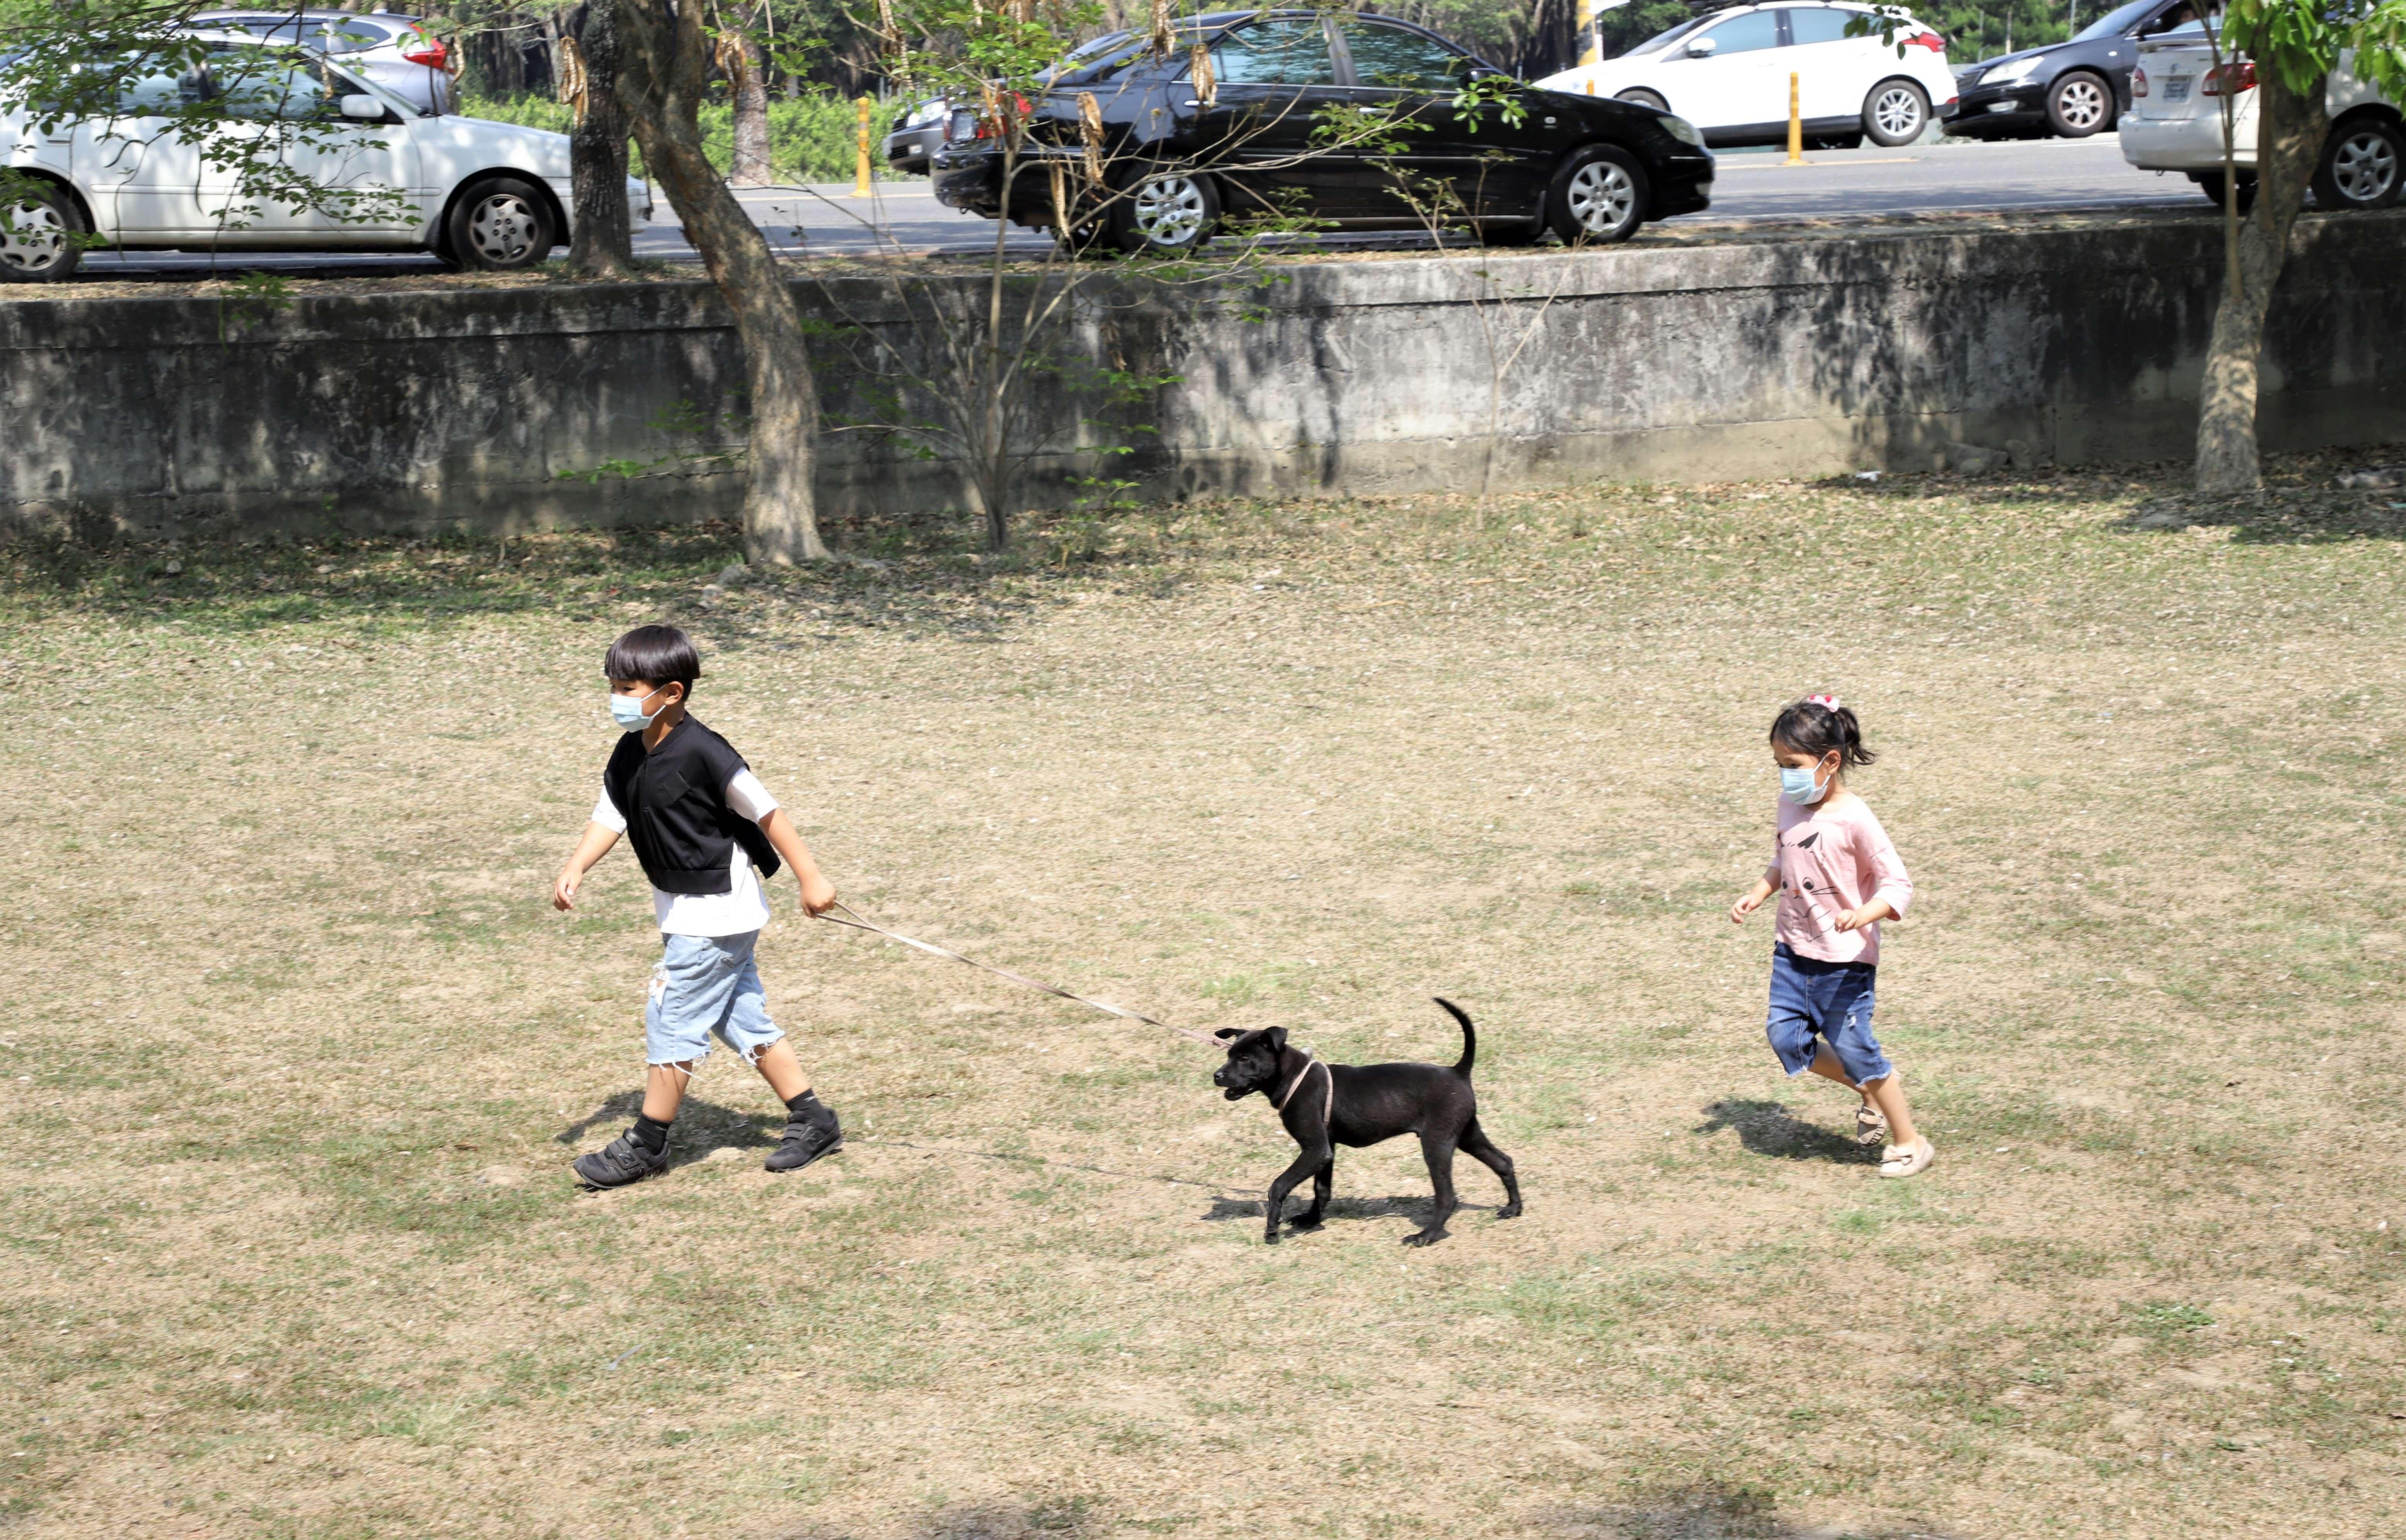 狗是人類最忠實的朋友,有牠們的陪伴,總是充滿歡樂與笑聲。